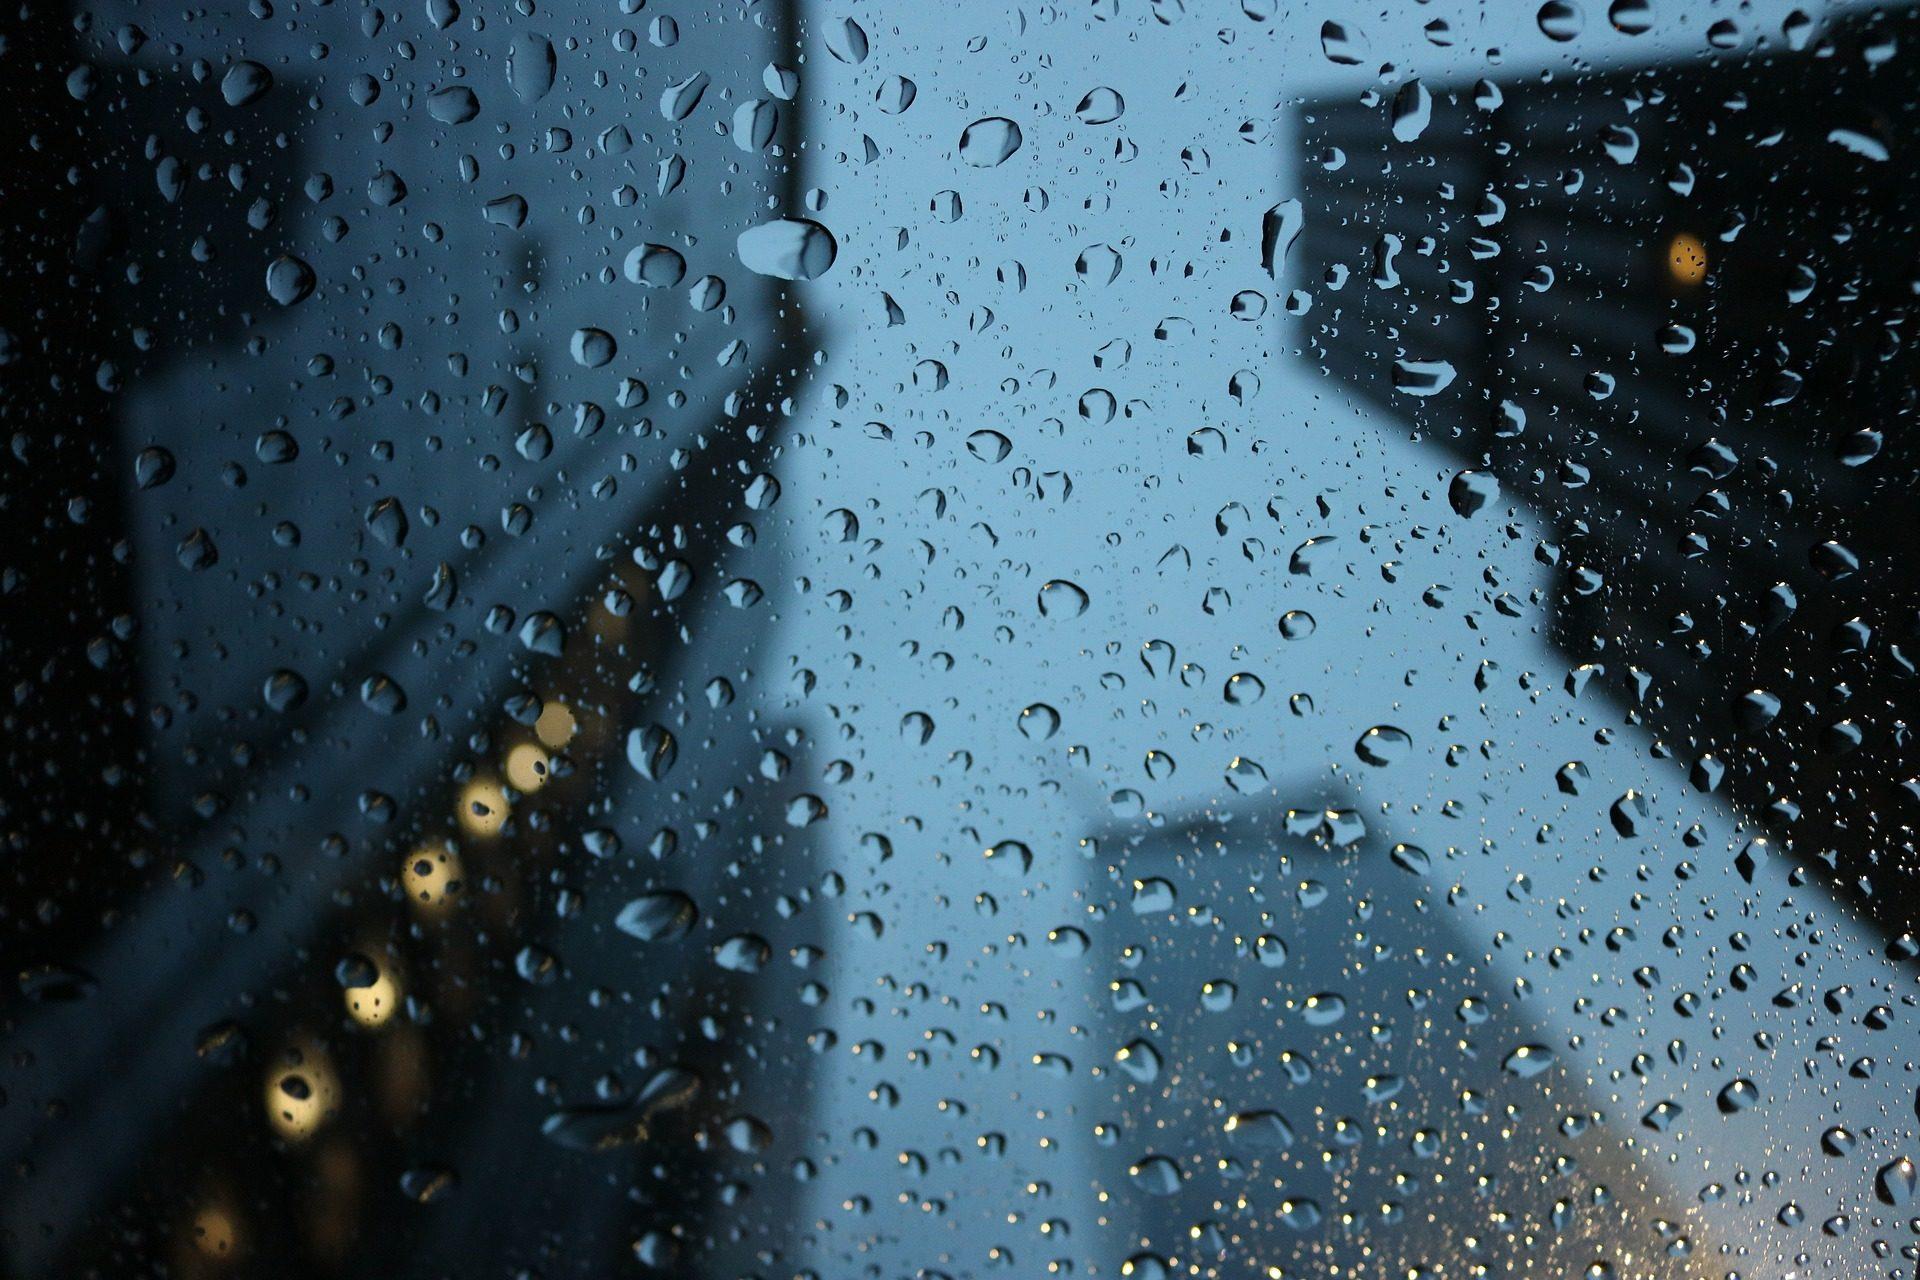 อุตุฯ เตือน 42 จังหวัด เจอฝน กระหน่ำ 'อีสาน-ตะวันออก' หนัก 60%